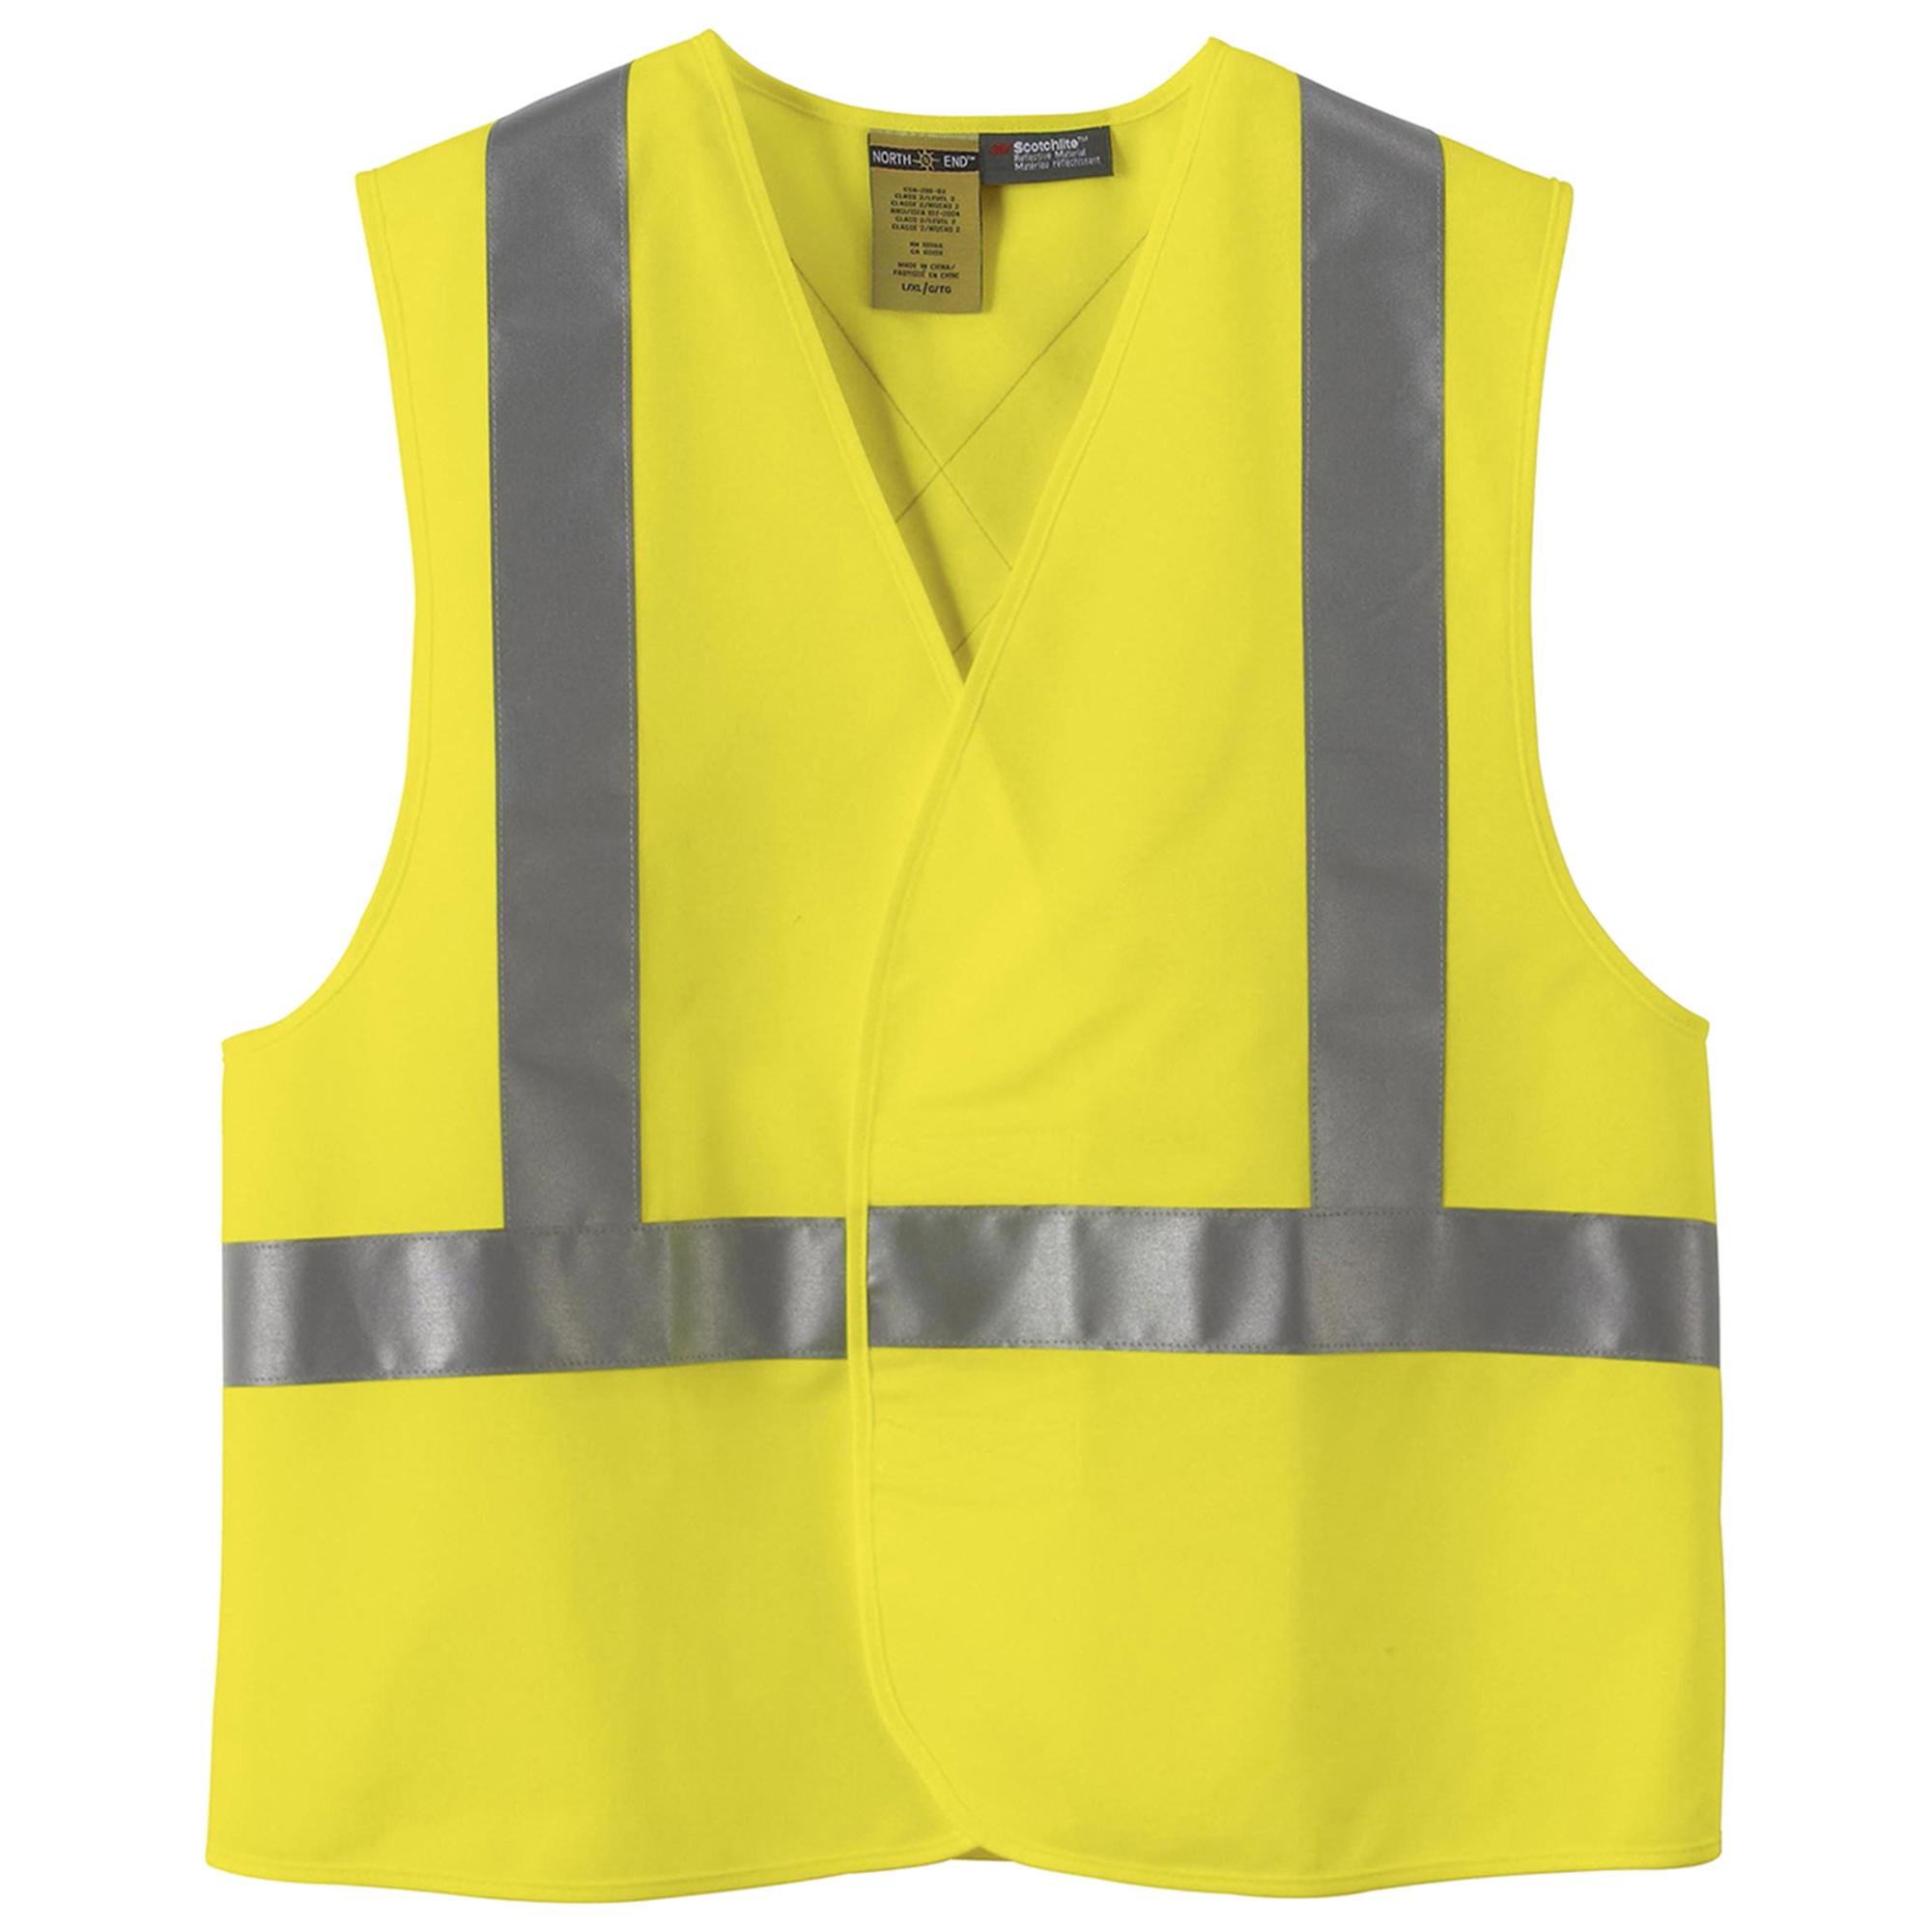 North End 88701 Men's Safety Adjustable Sizing Vest at Sears.com